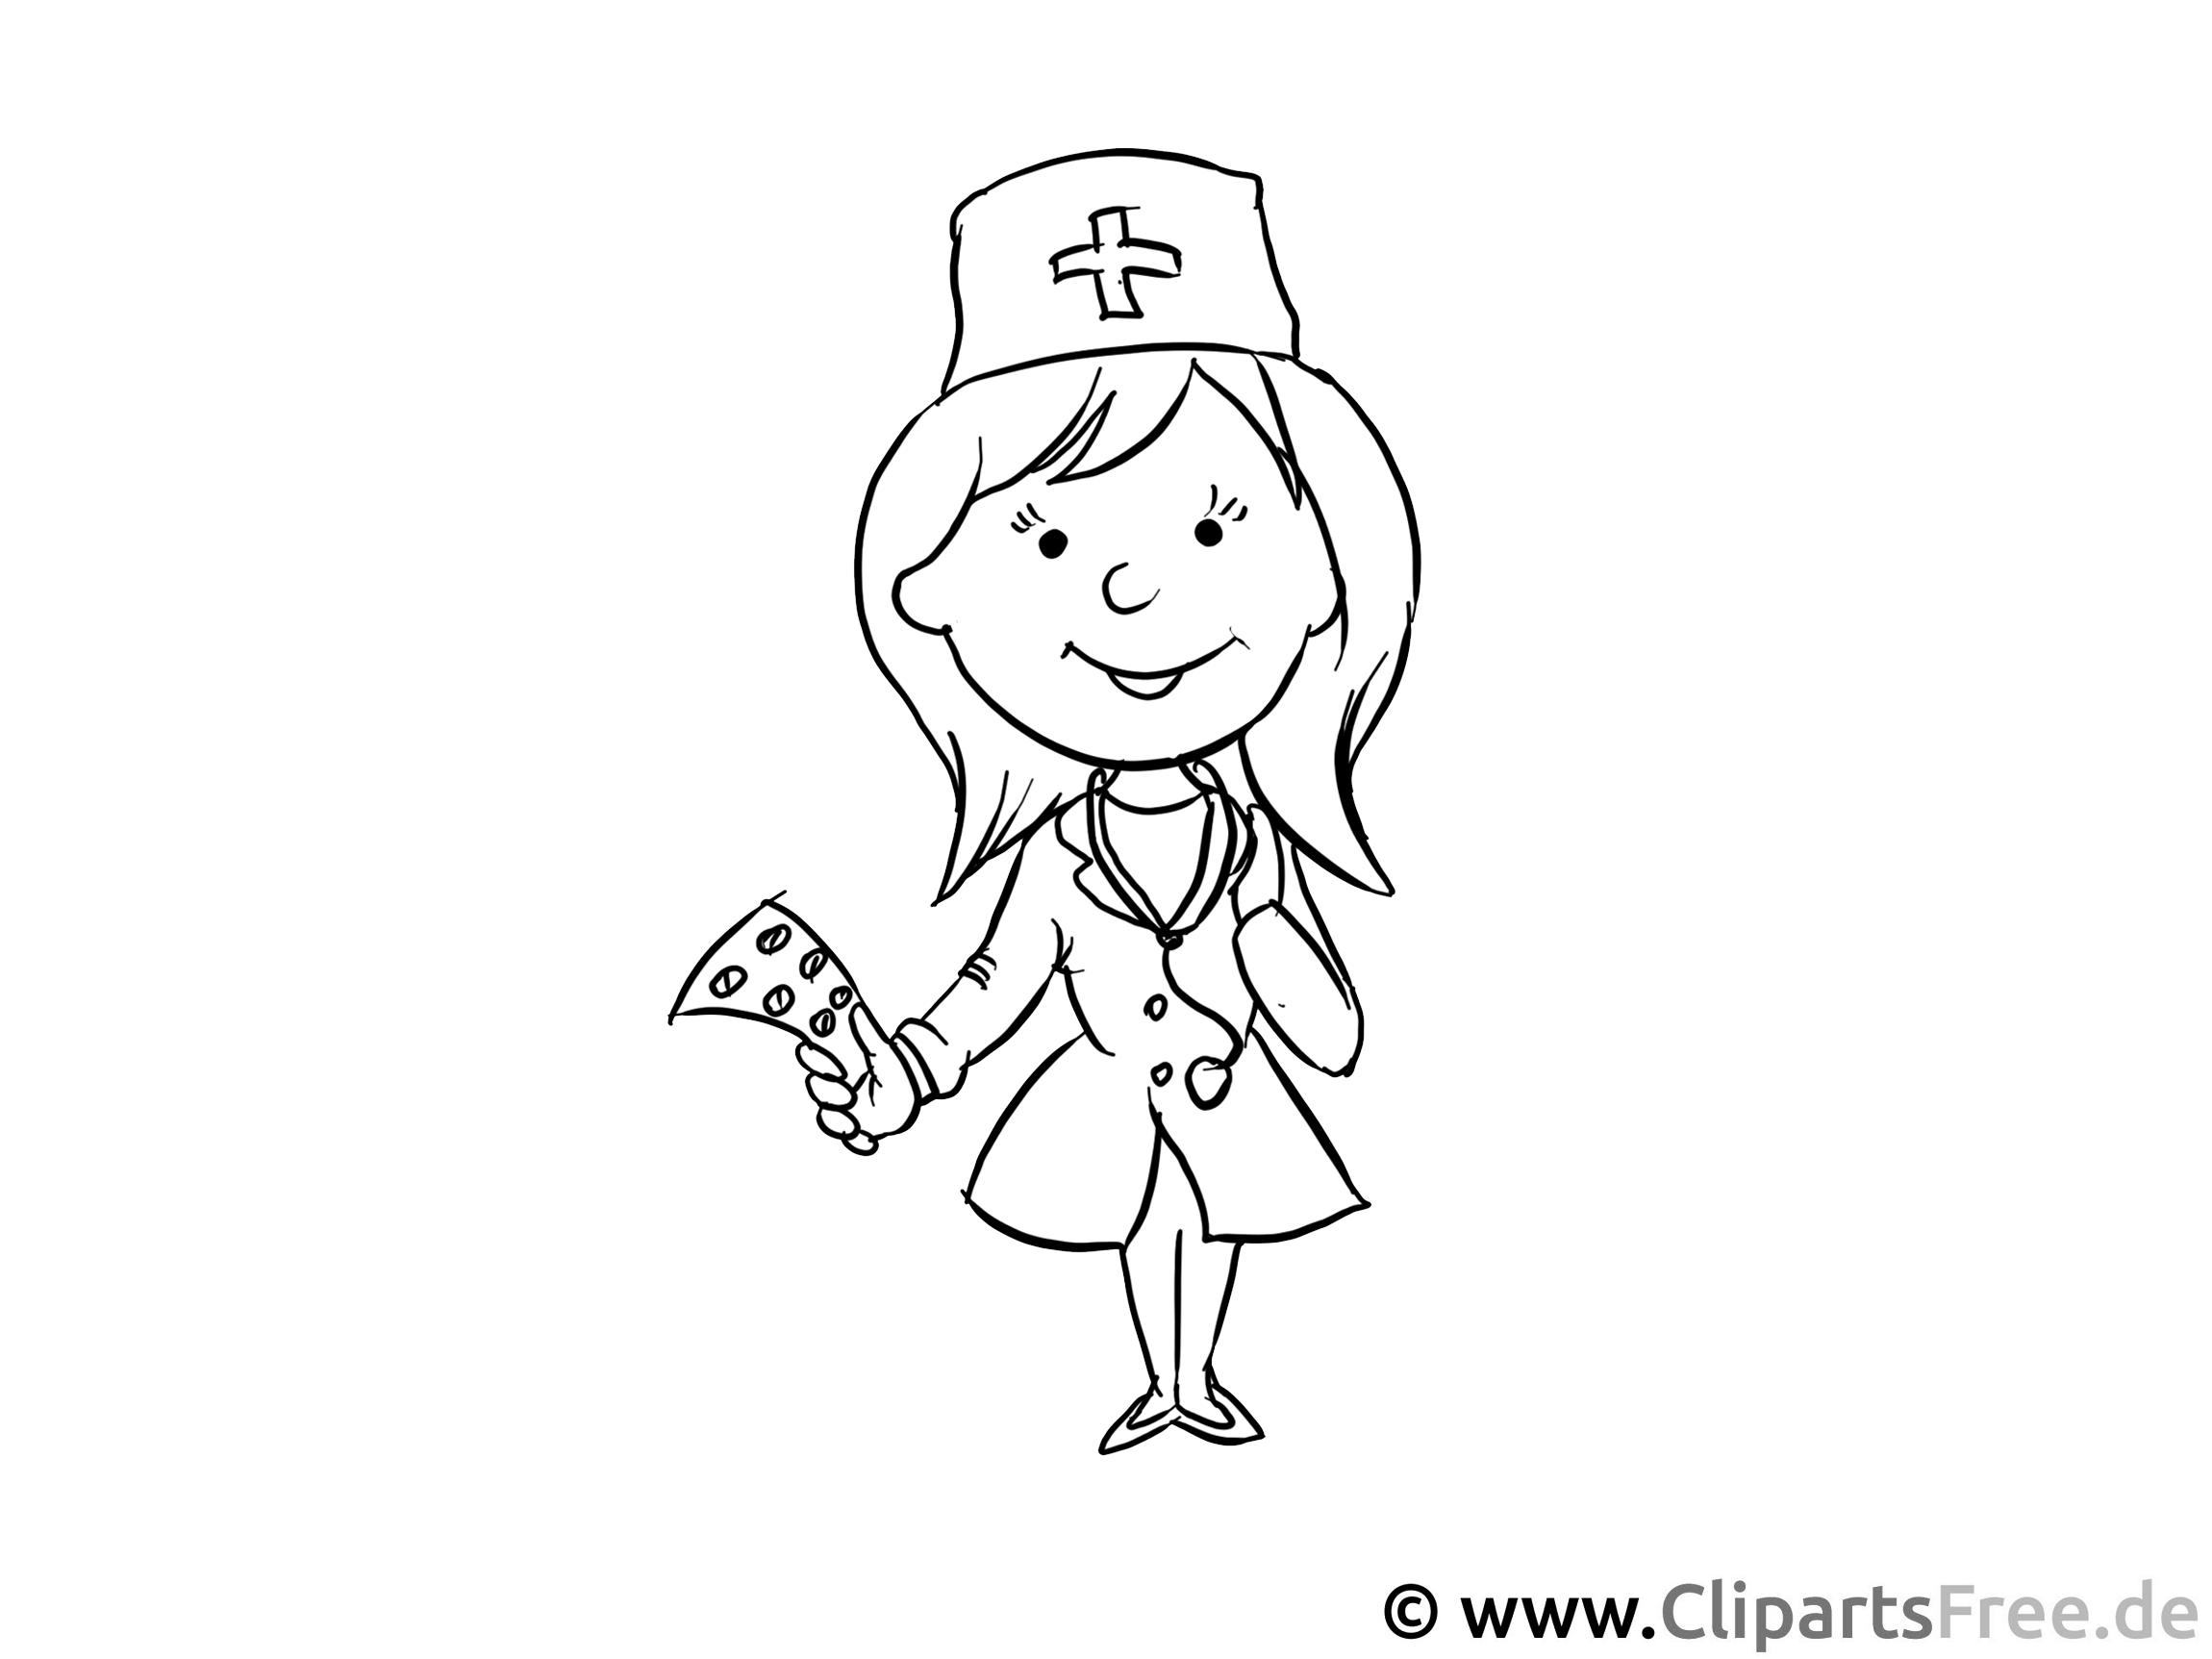 Krankenschwester - Berufe zum Ausmalen